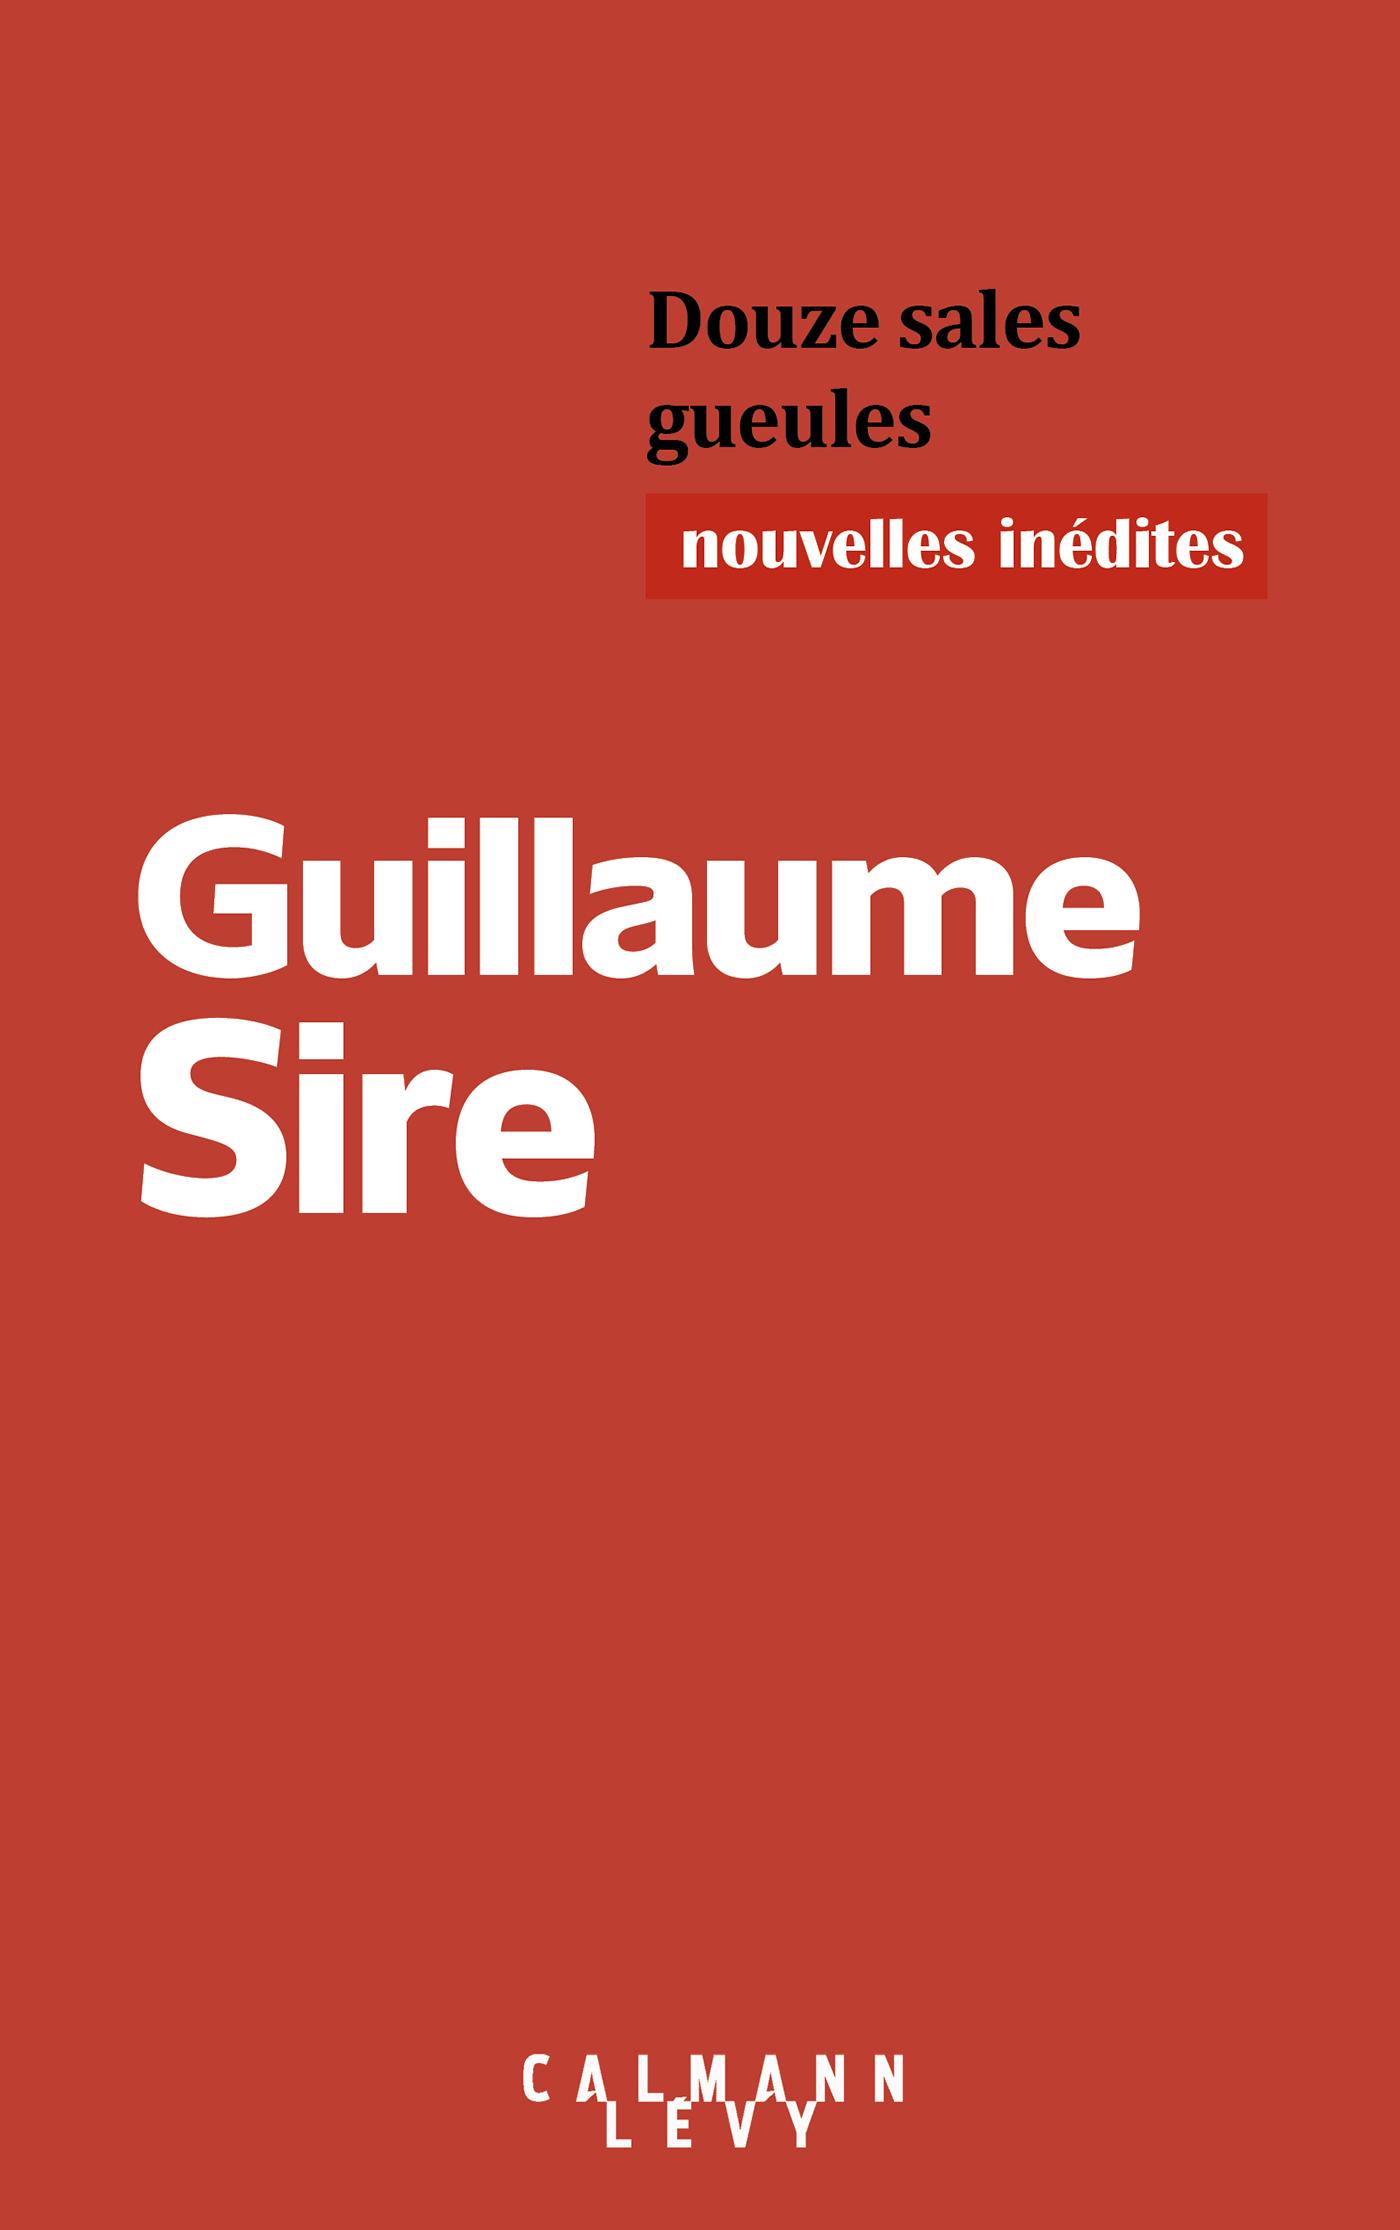 Douze sales gueules | Sire, Guillaume. Auteur